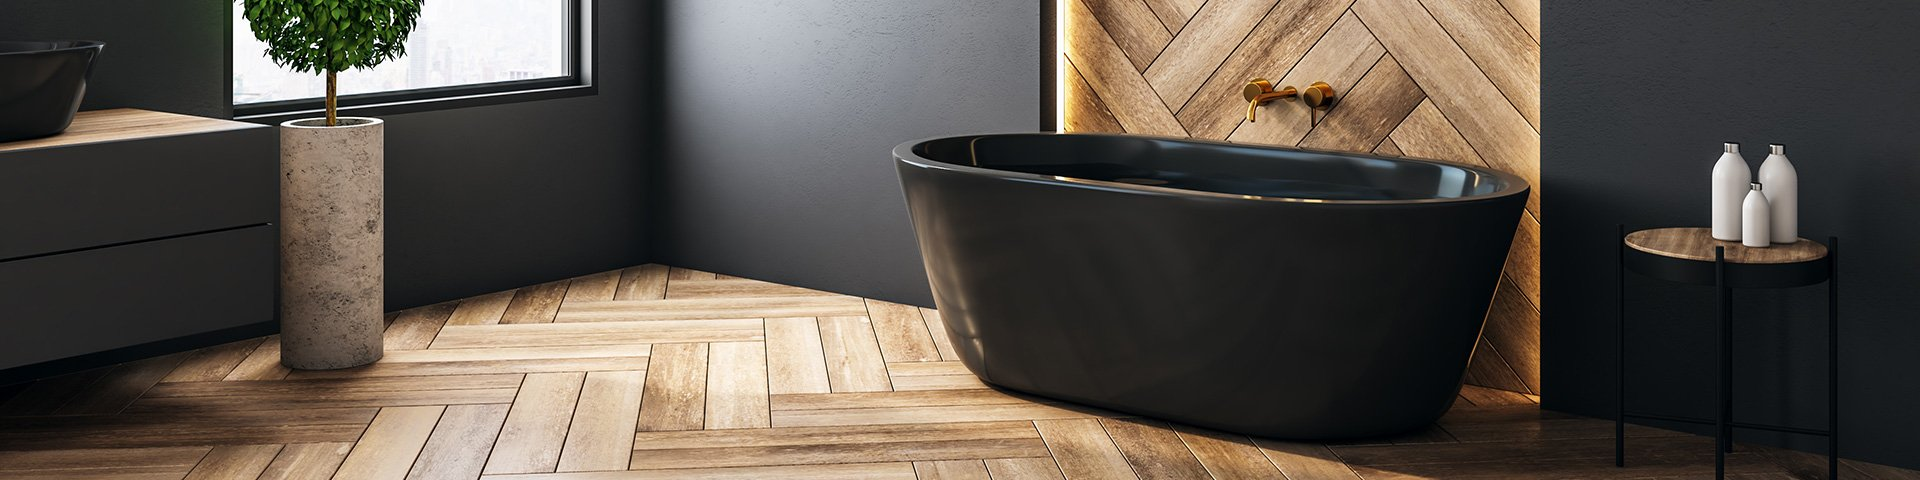 drewnopodobne płytki na podłodze łazienki ułożone w jodełkę